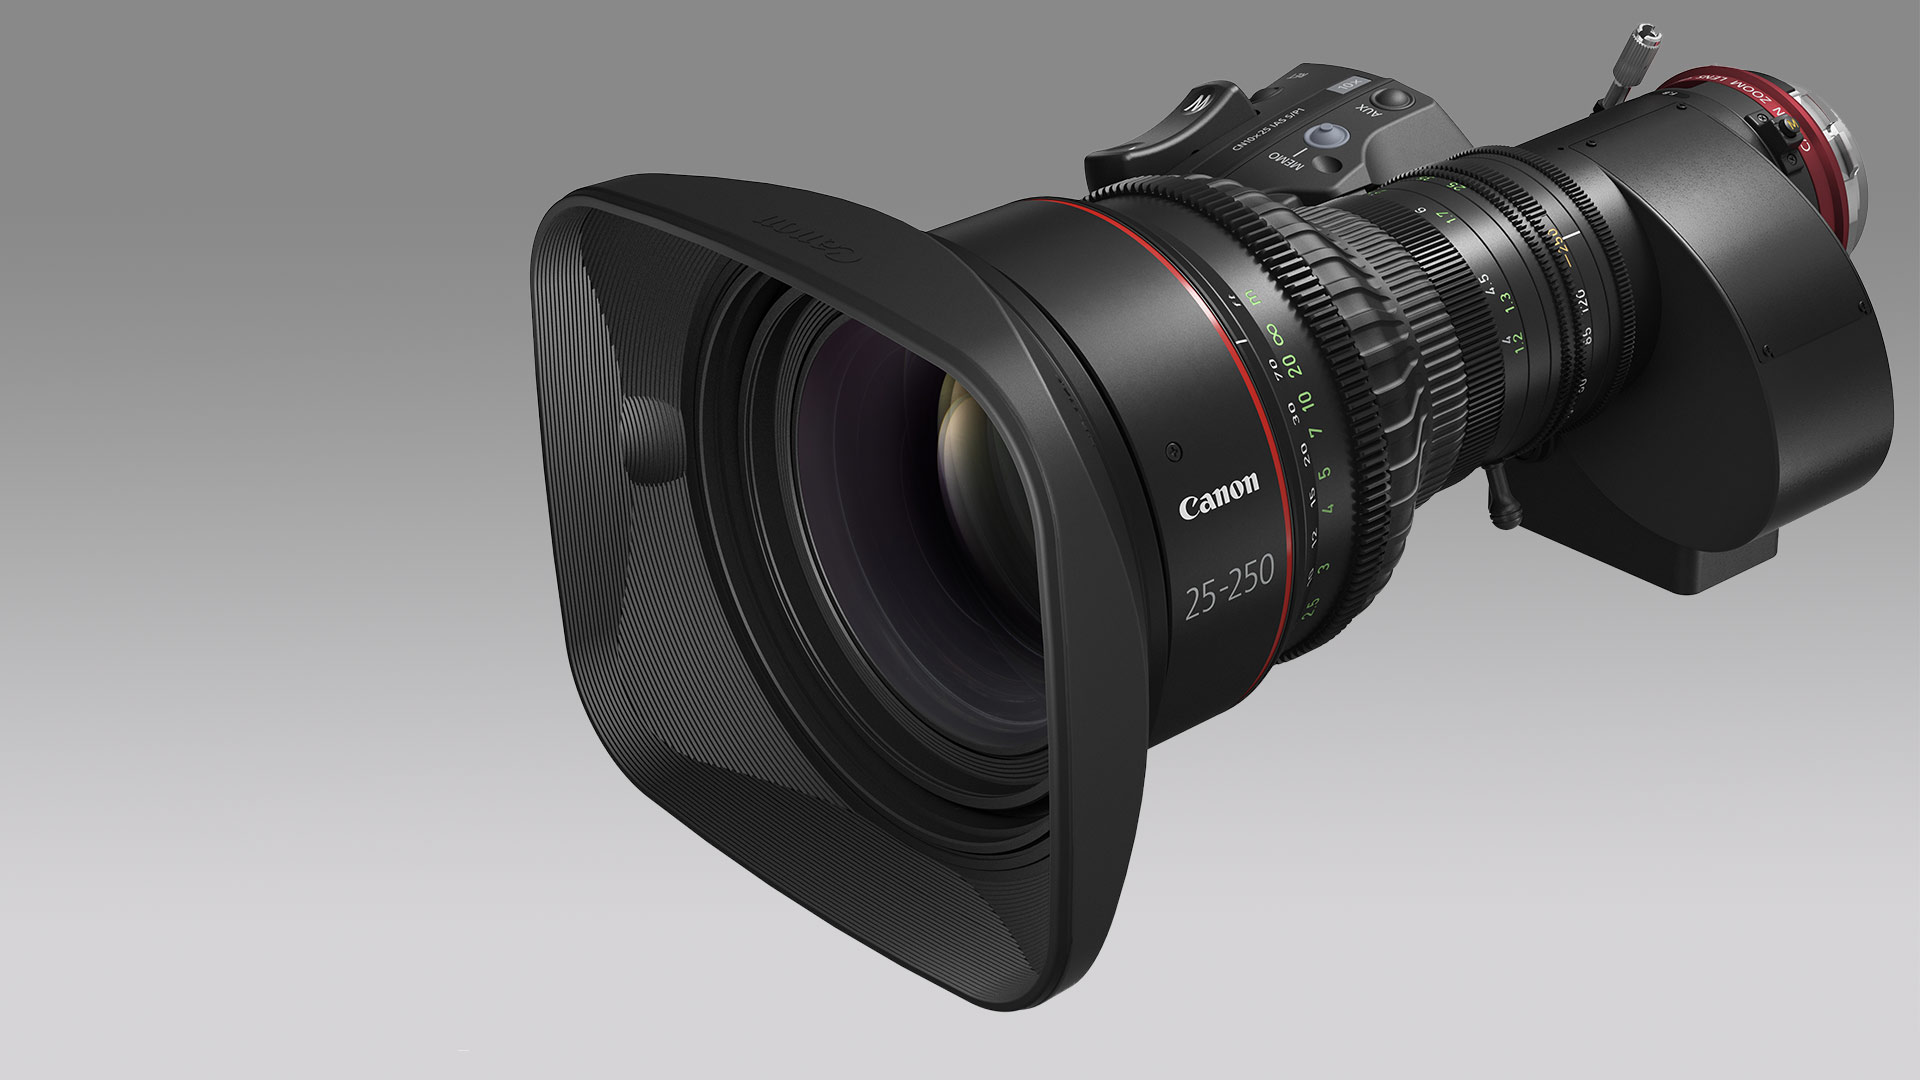 キヤノンが25-250mm 10x CINE-SERVOレンズを発表